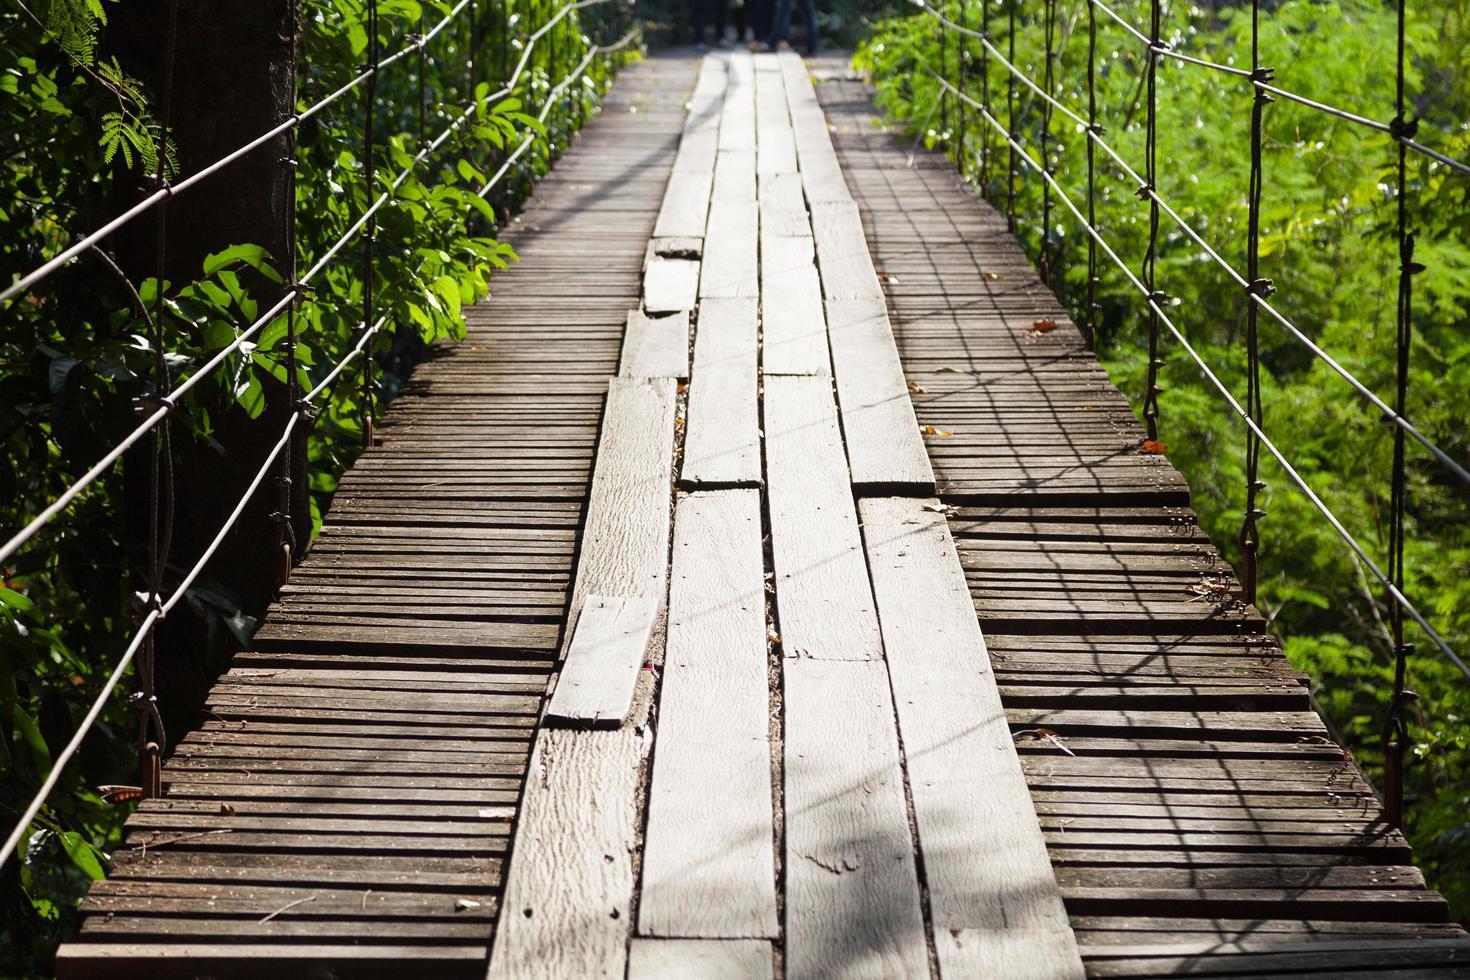 ponte sospeso in legno foto